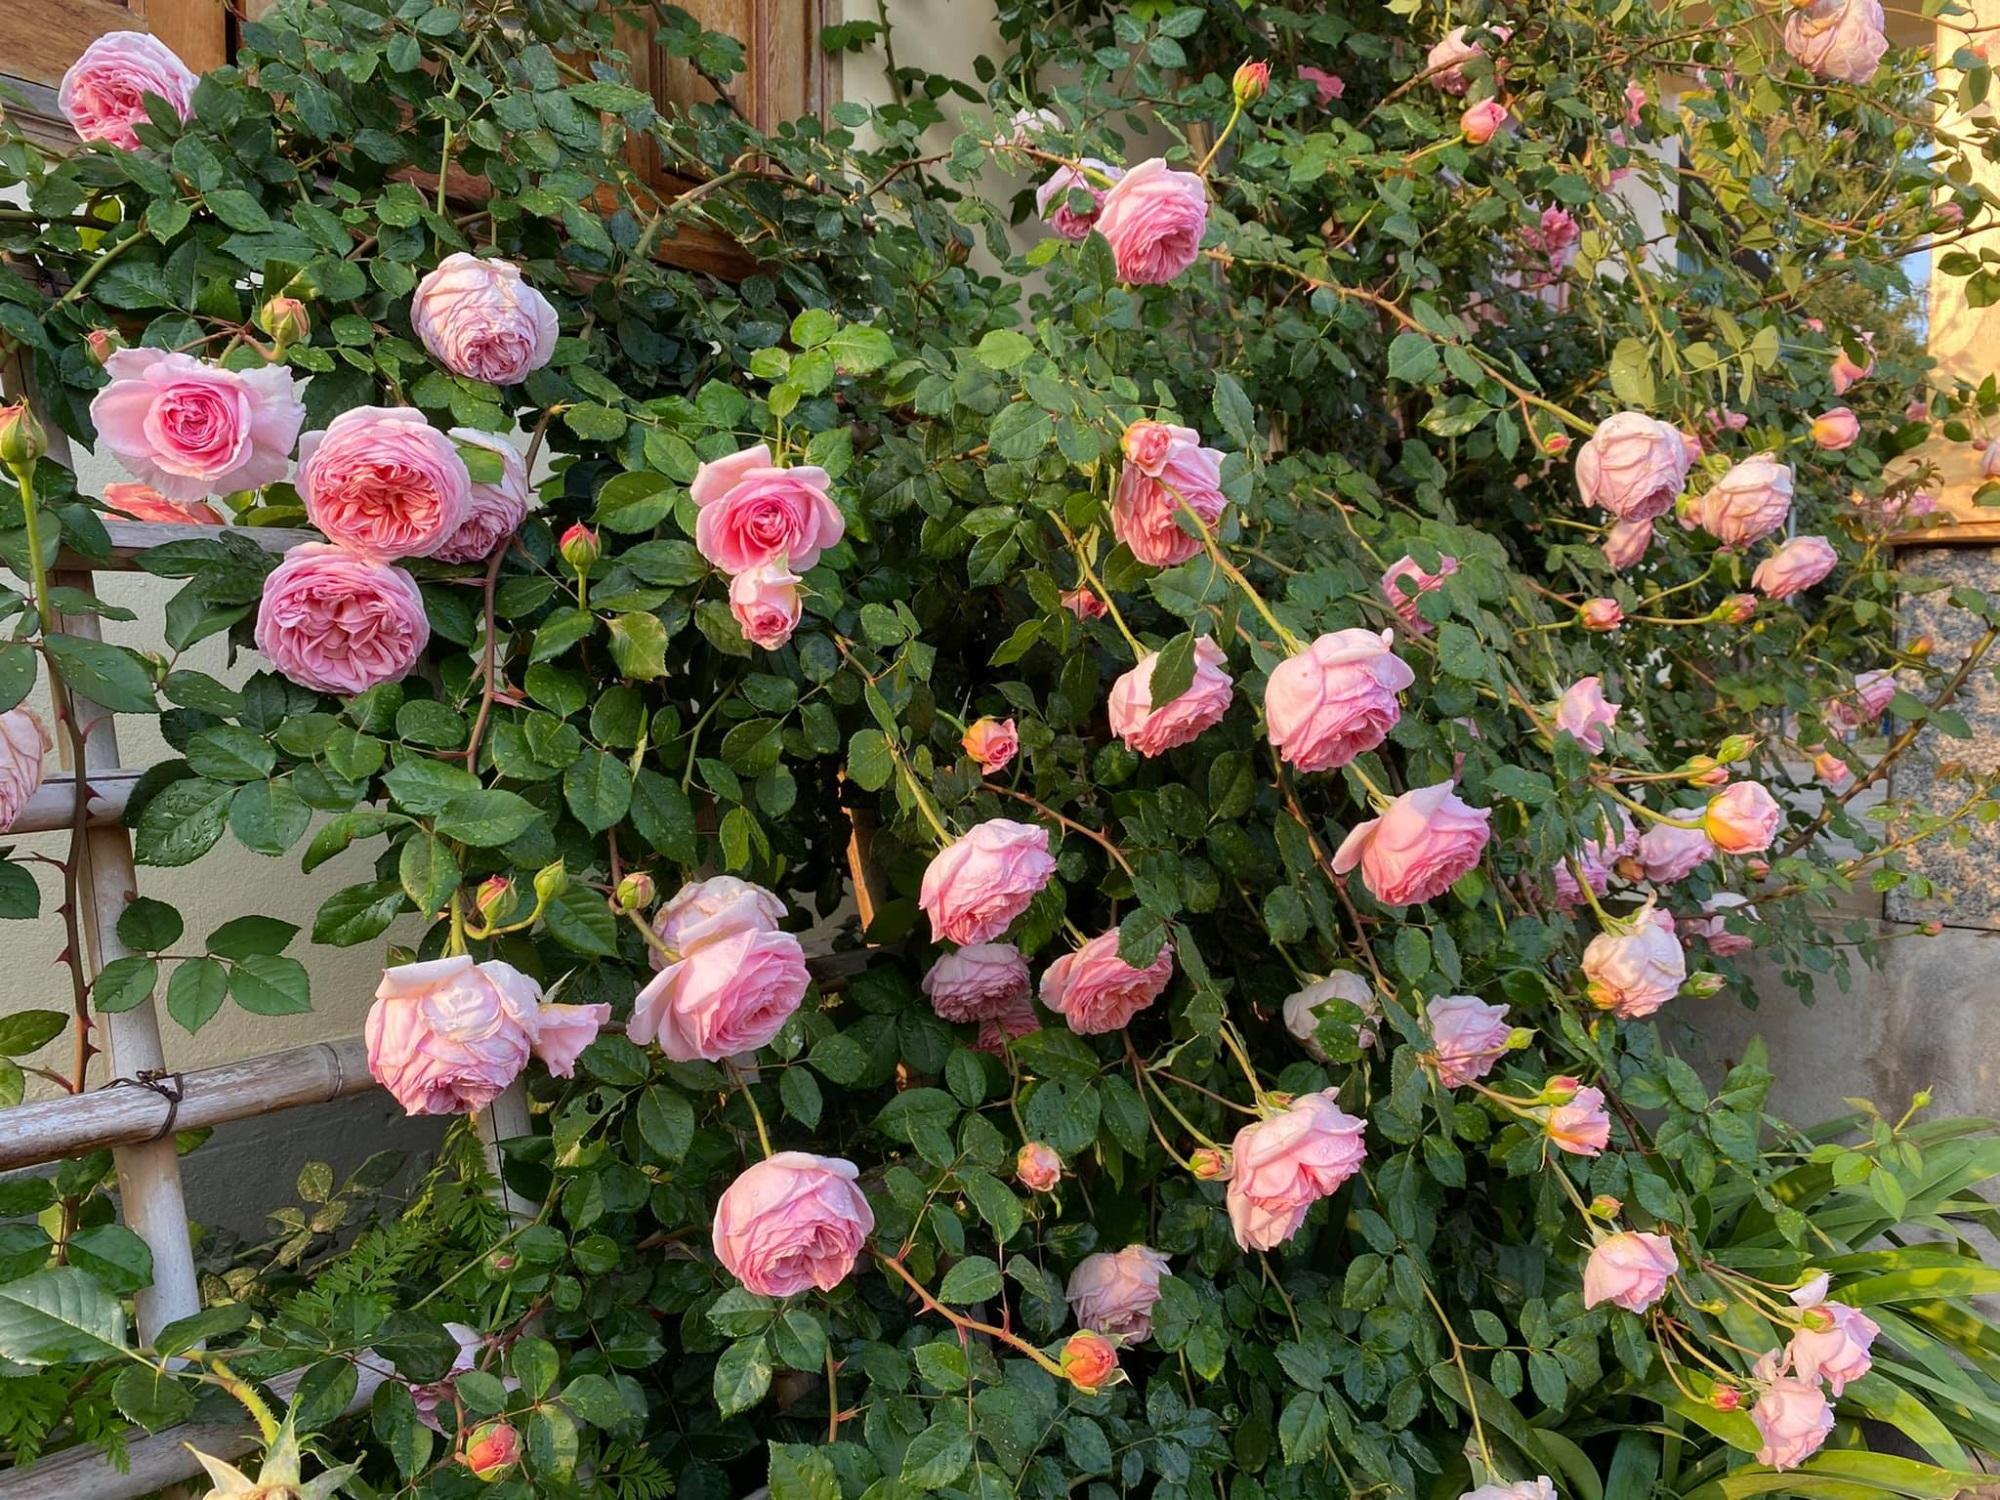 Bí quyết cực dễ để chăm giàn hồng leo nở hoa ngút ngàn, đẹp như trời tây - Ảnh 9